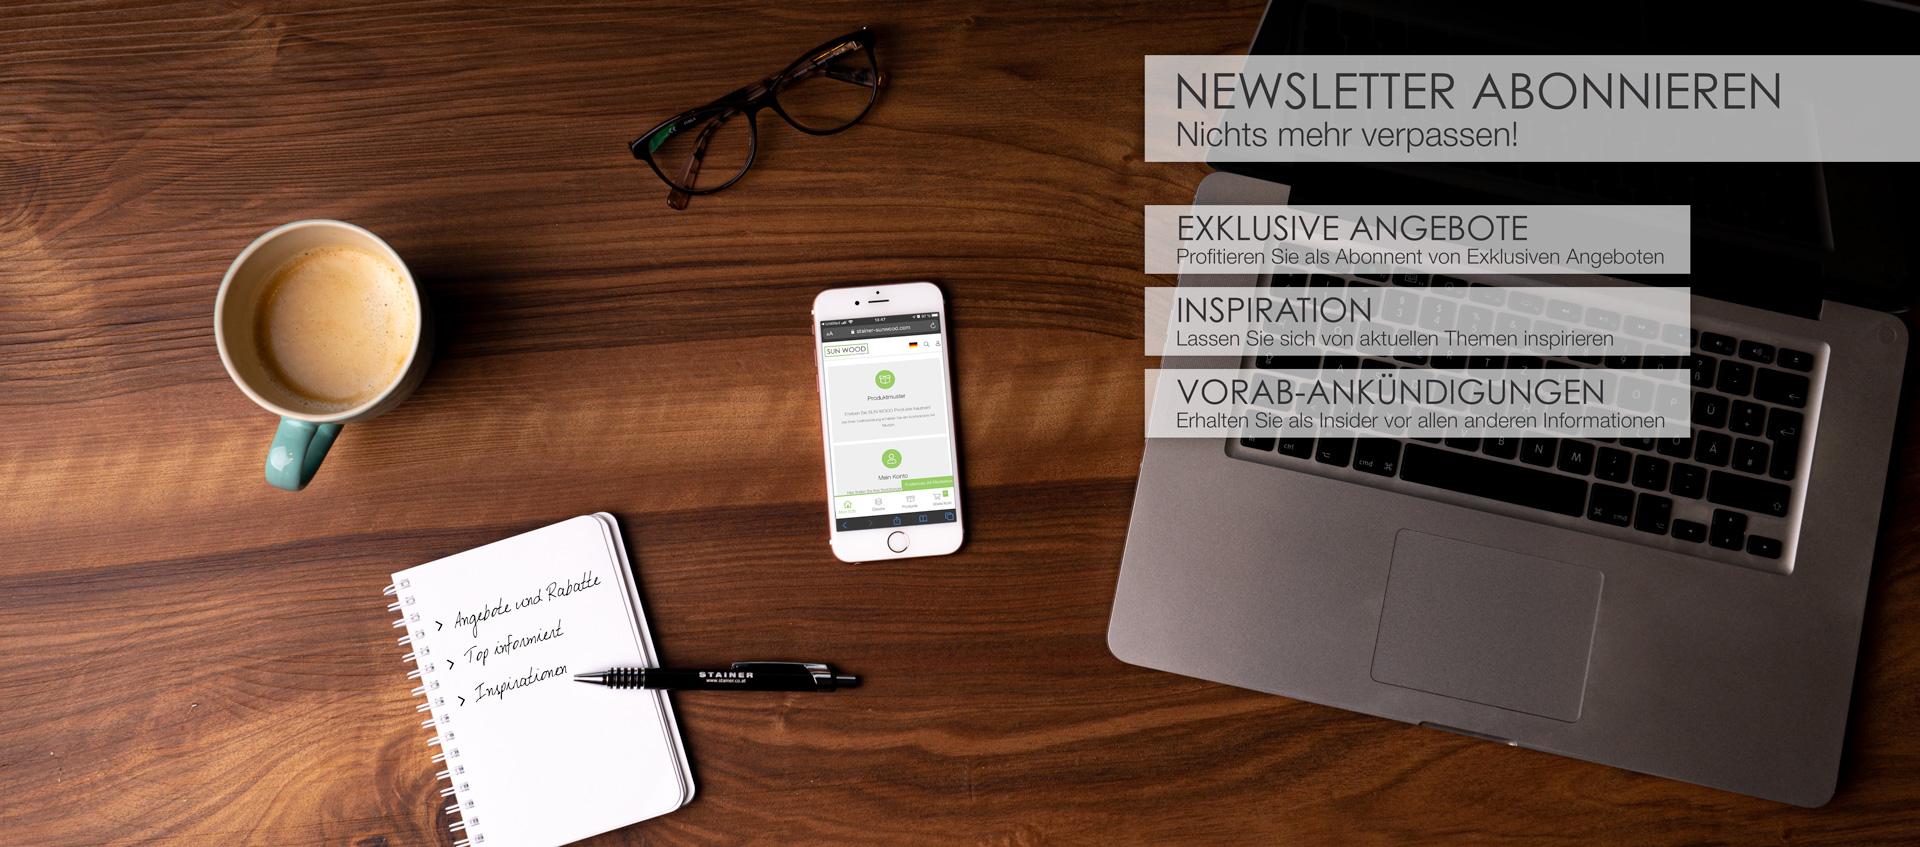 Vorteile Newsletter Anmeldung